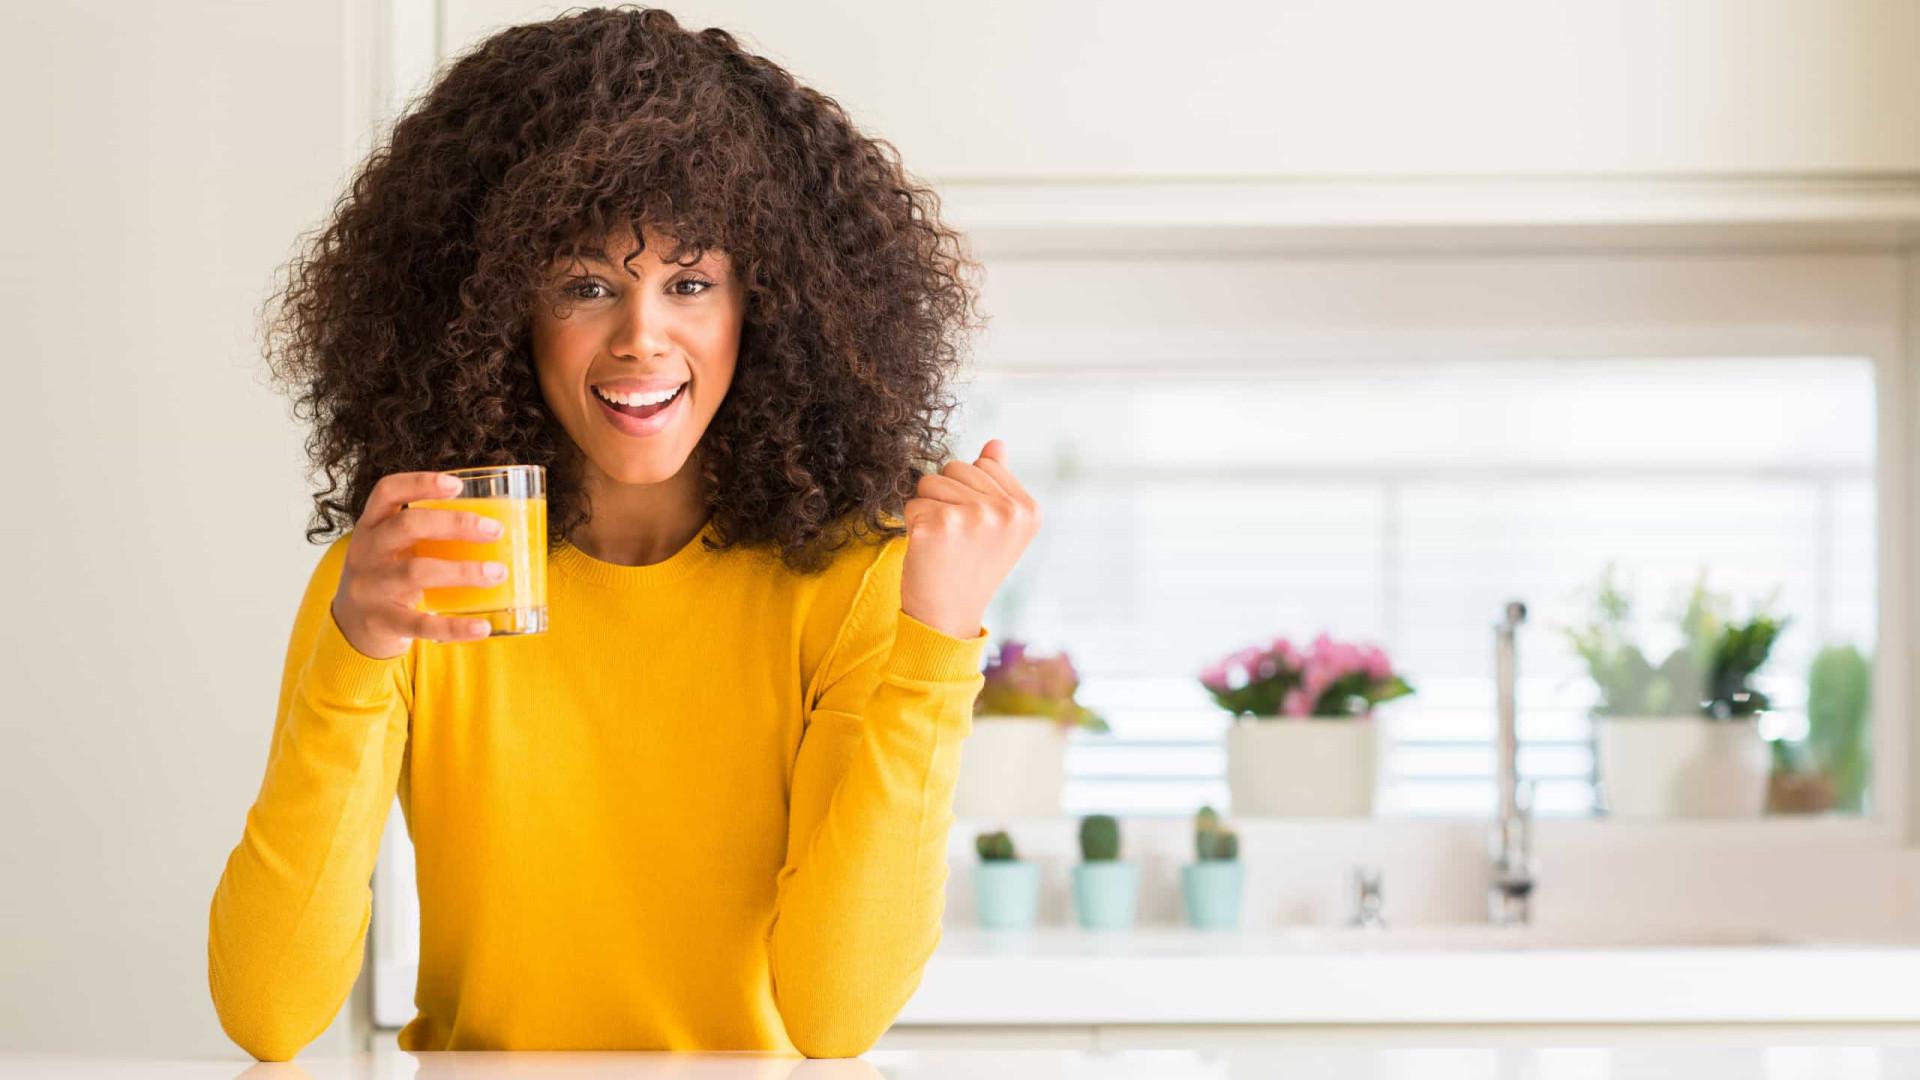 Para uma pele jovem e resplandecente, beba este suco natural delicioso